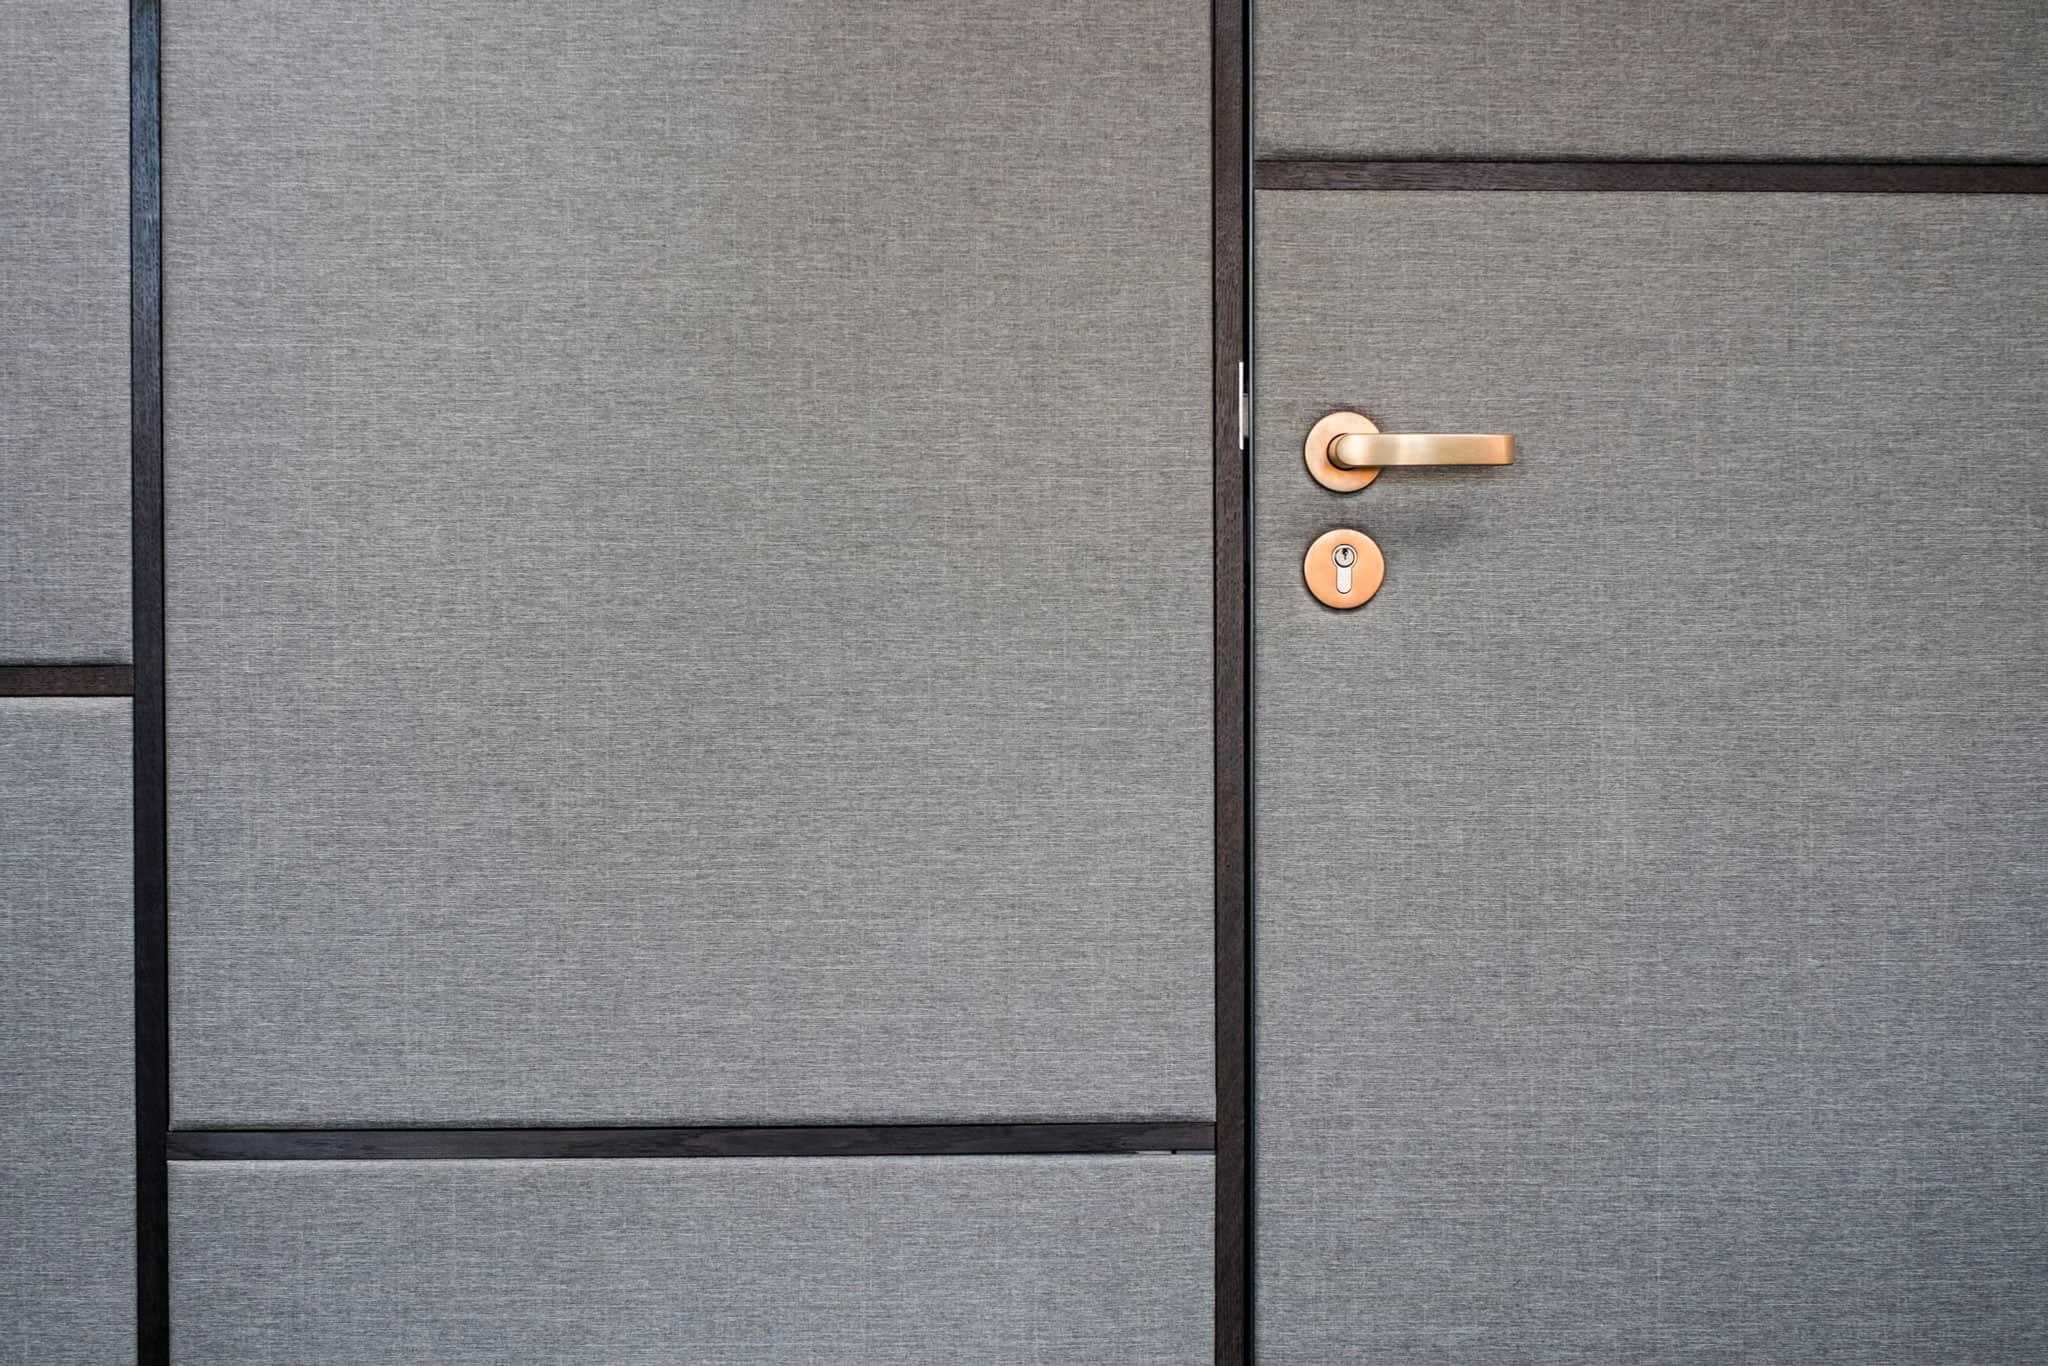 04-Loft-Wohnbereich-Detail-Messinggriff-01